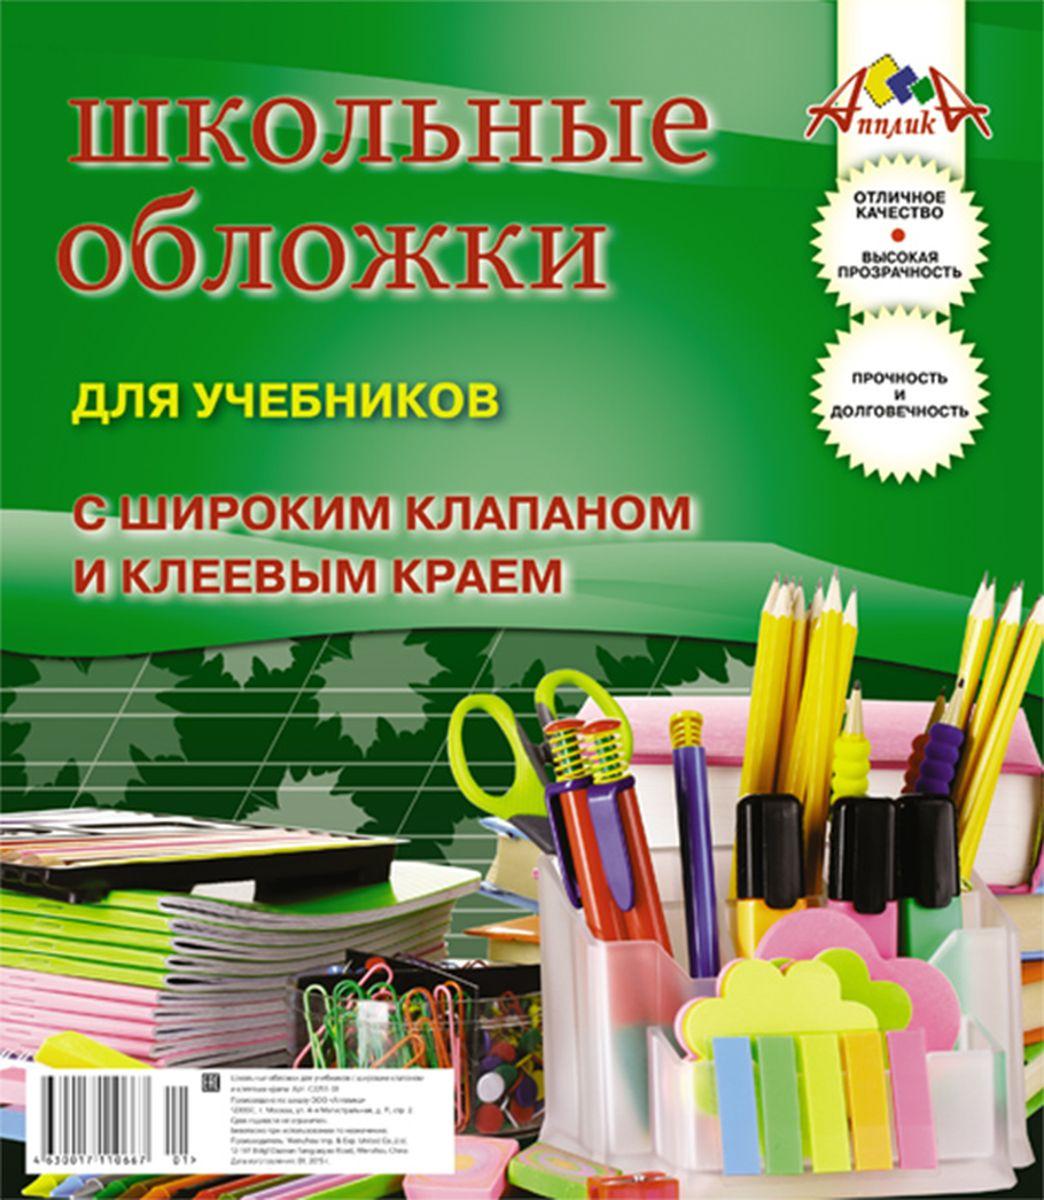 Апплика Набор обложек для учебников 5 шт -  Обложки